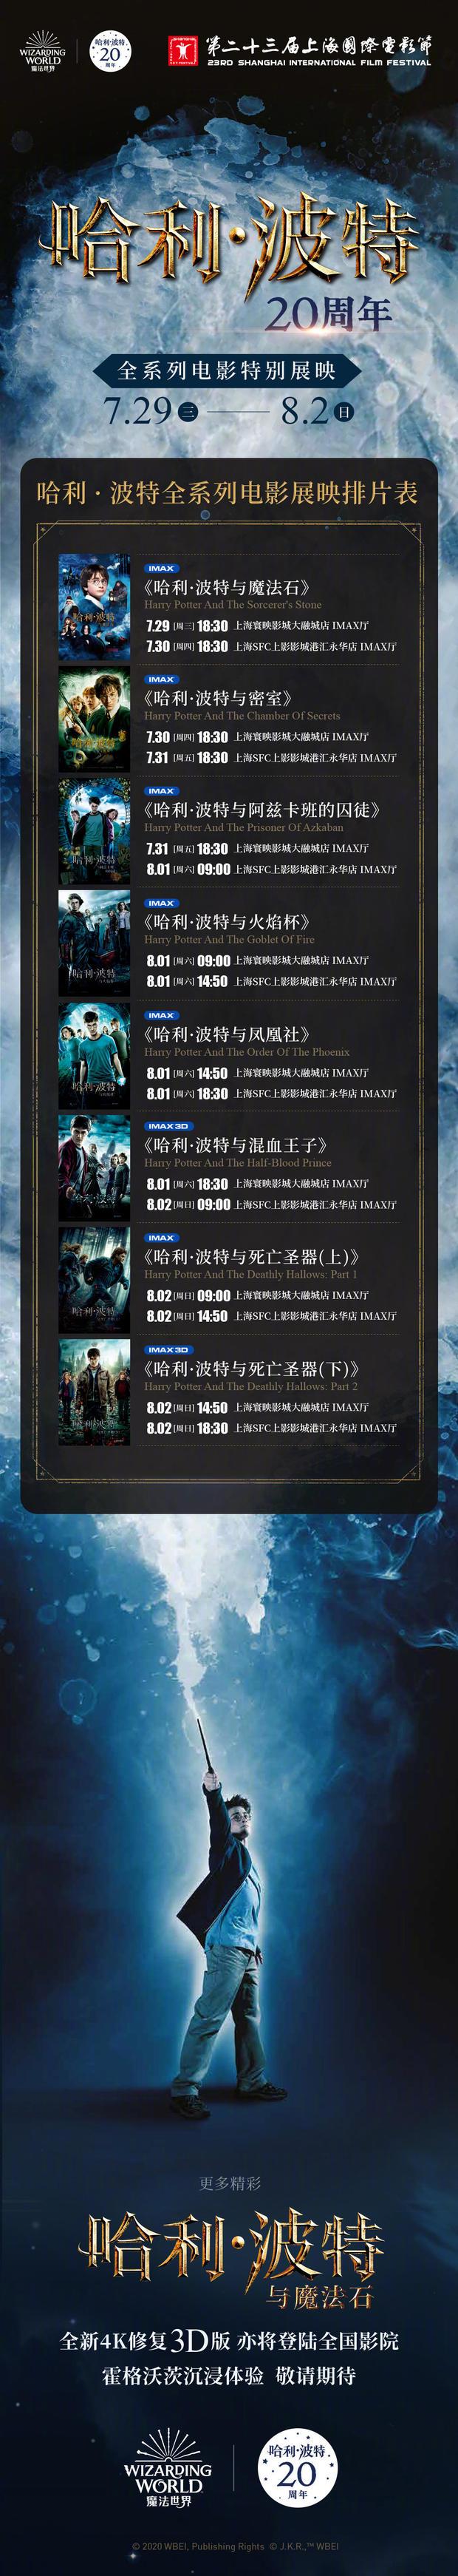 《哈利·波特》电影全集八部宣布将在今年上海电影节进走展映